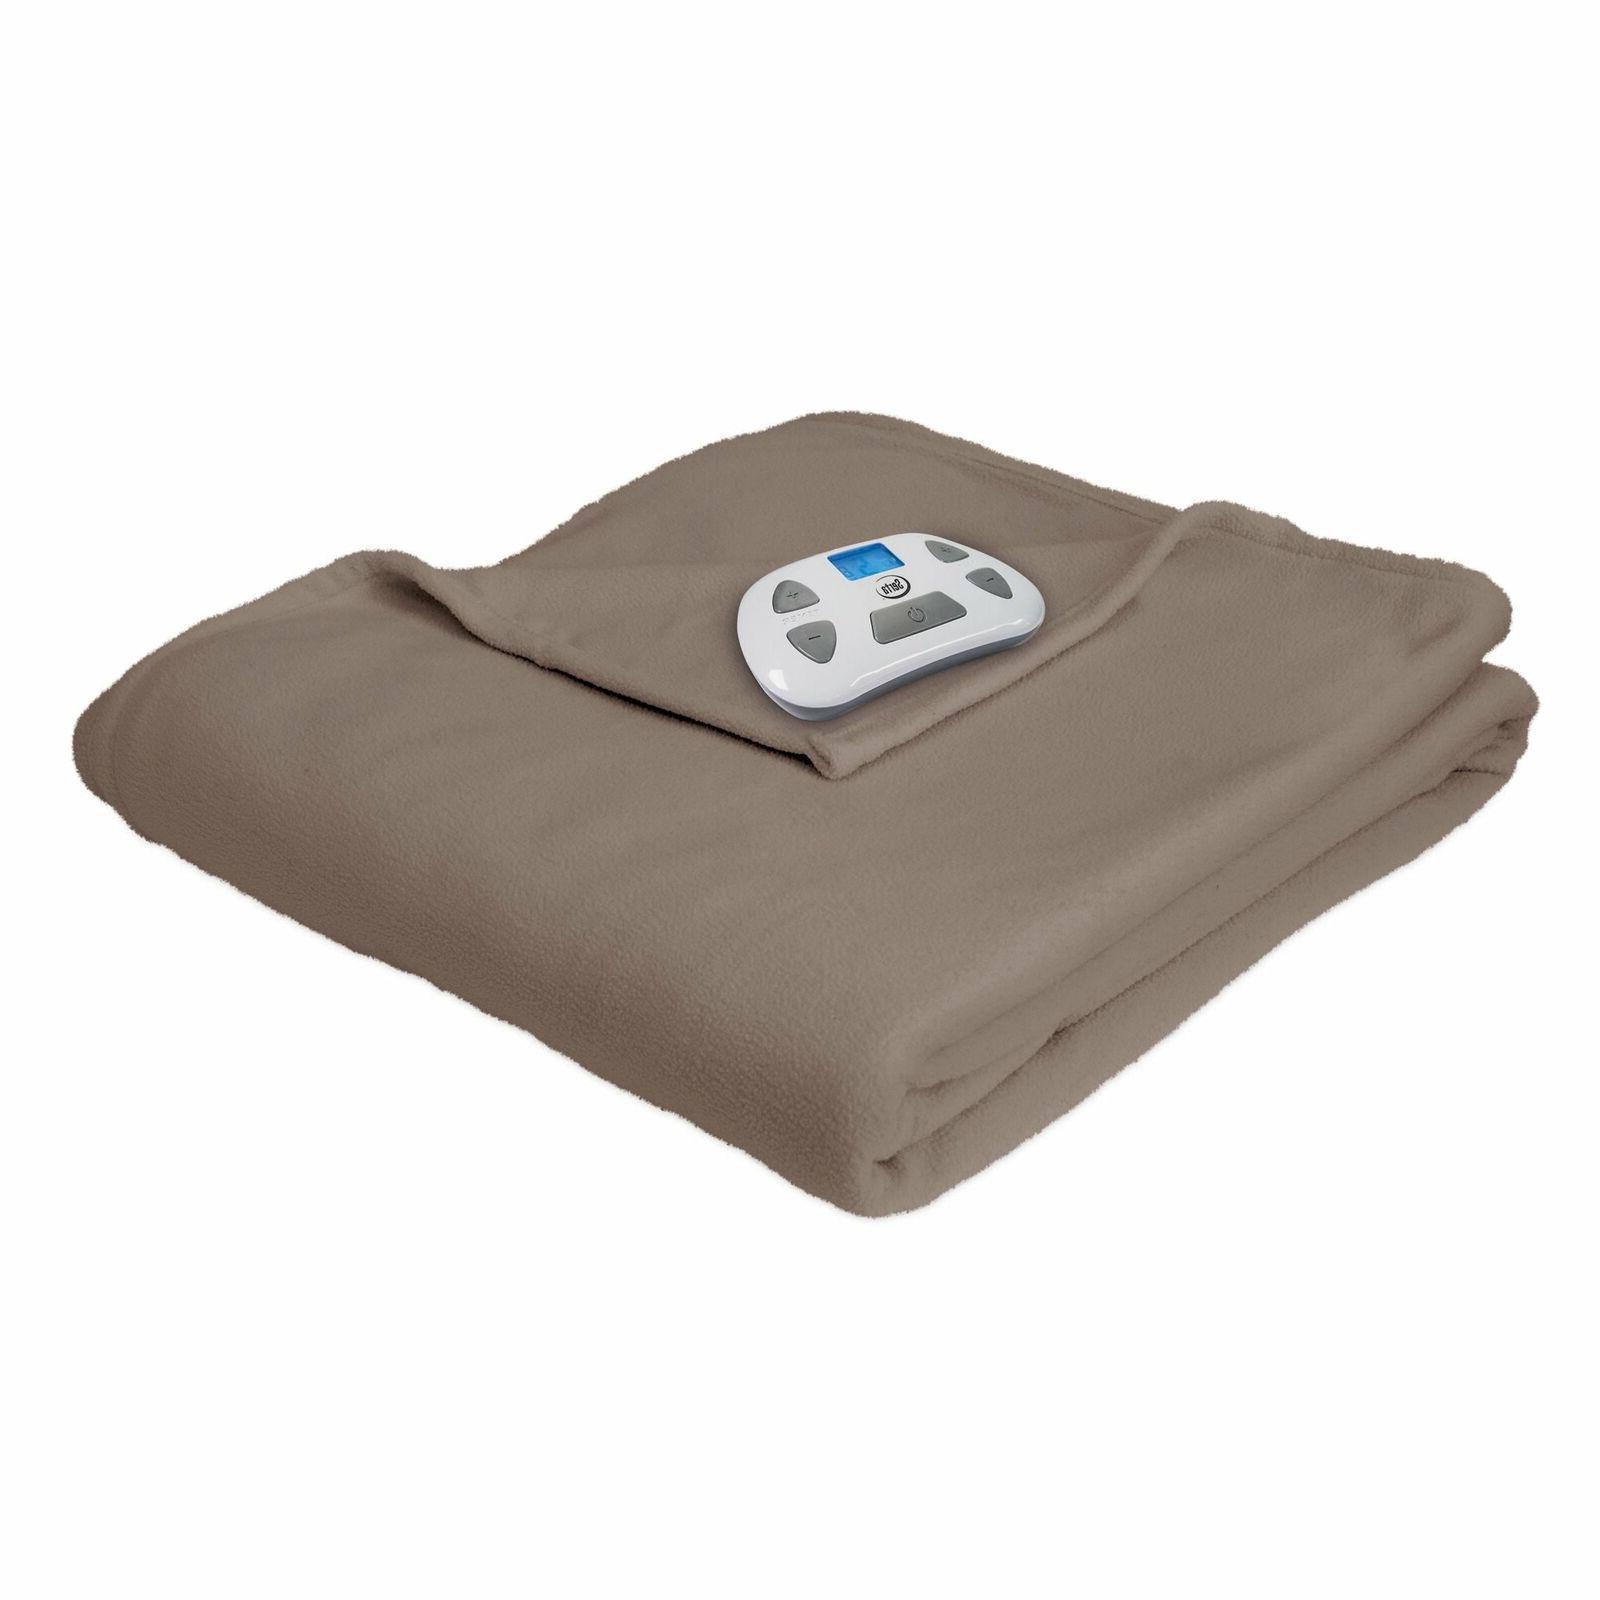 Serta MicroFleece Electric Heated Blanket Twin Beige With Di